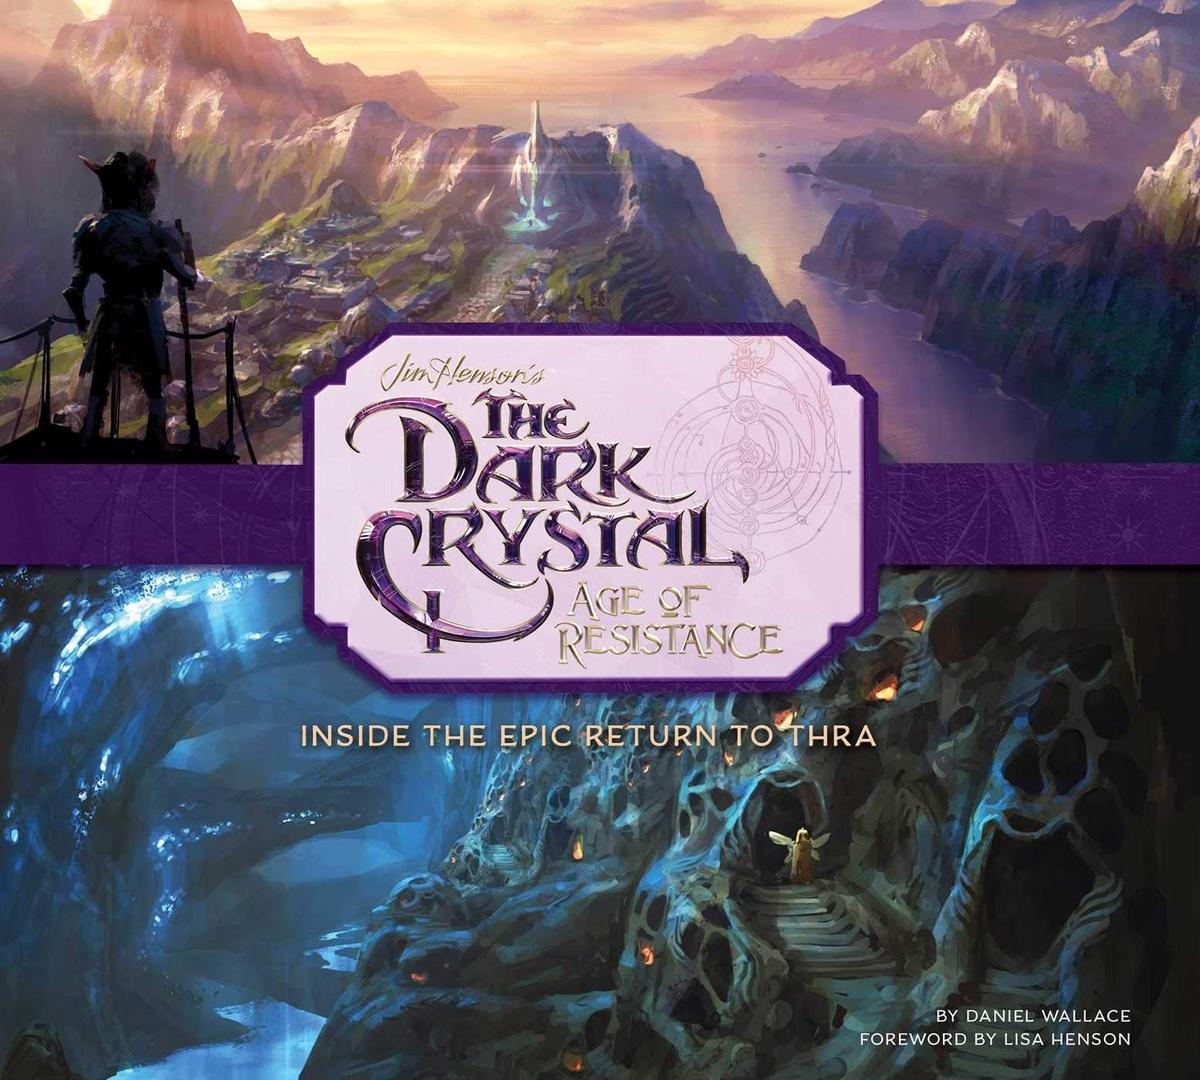 Арт: иллюстрации из артбука по сериалу «Тёмный кристалл» 1